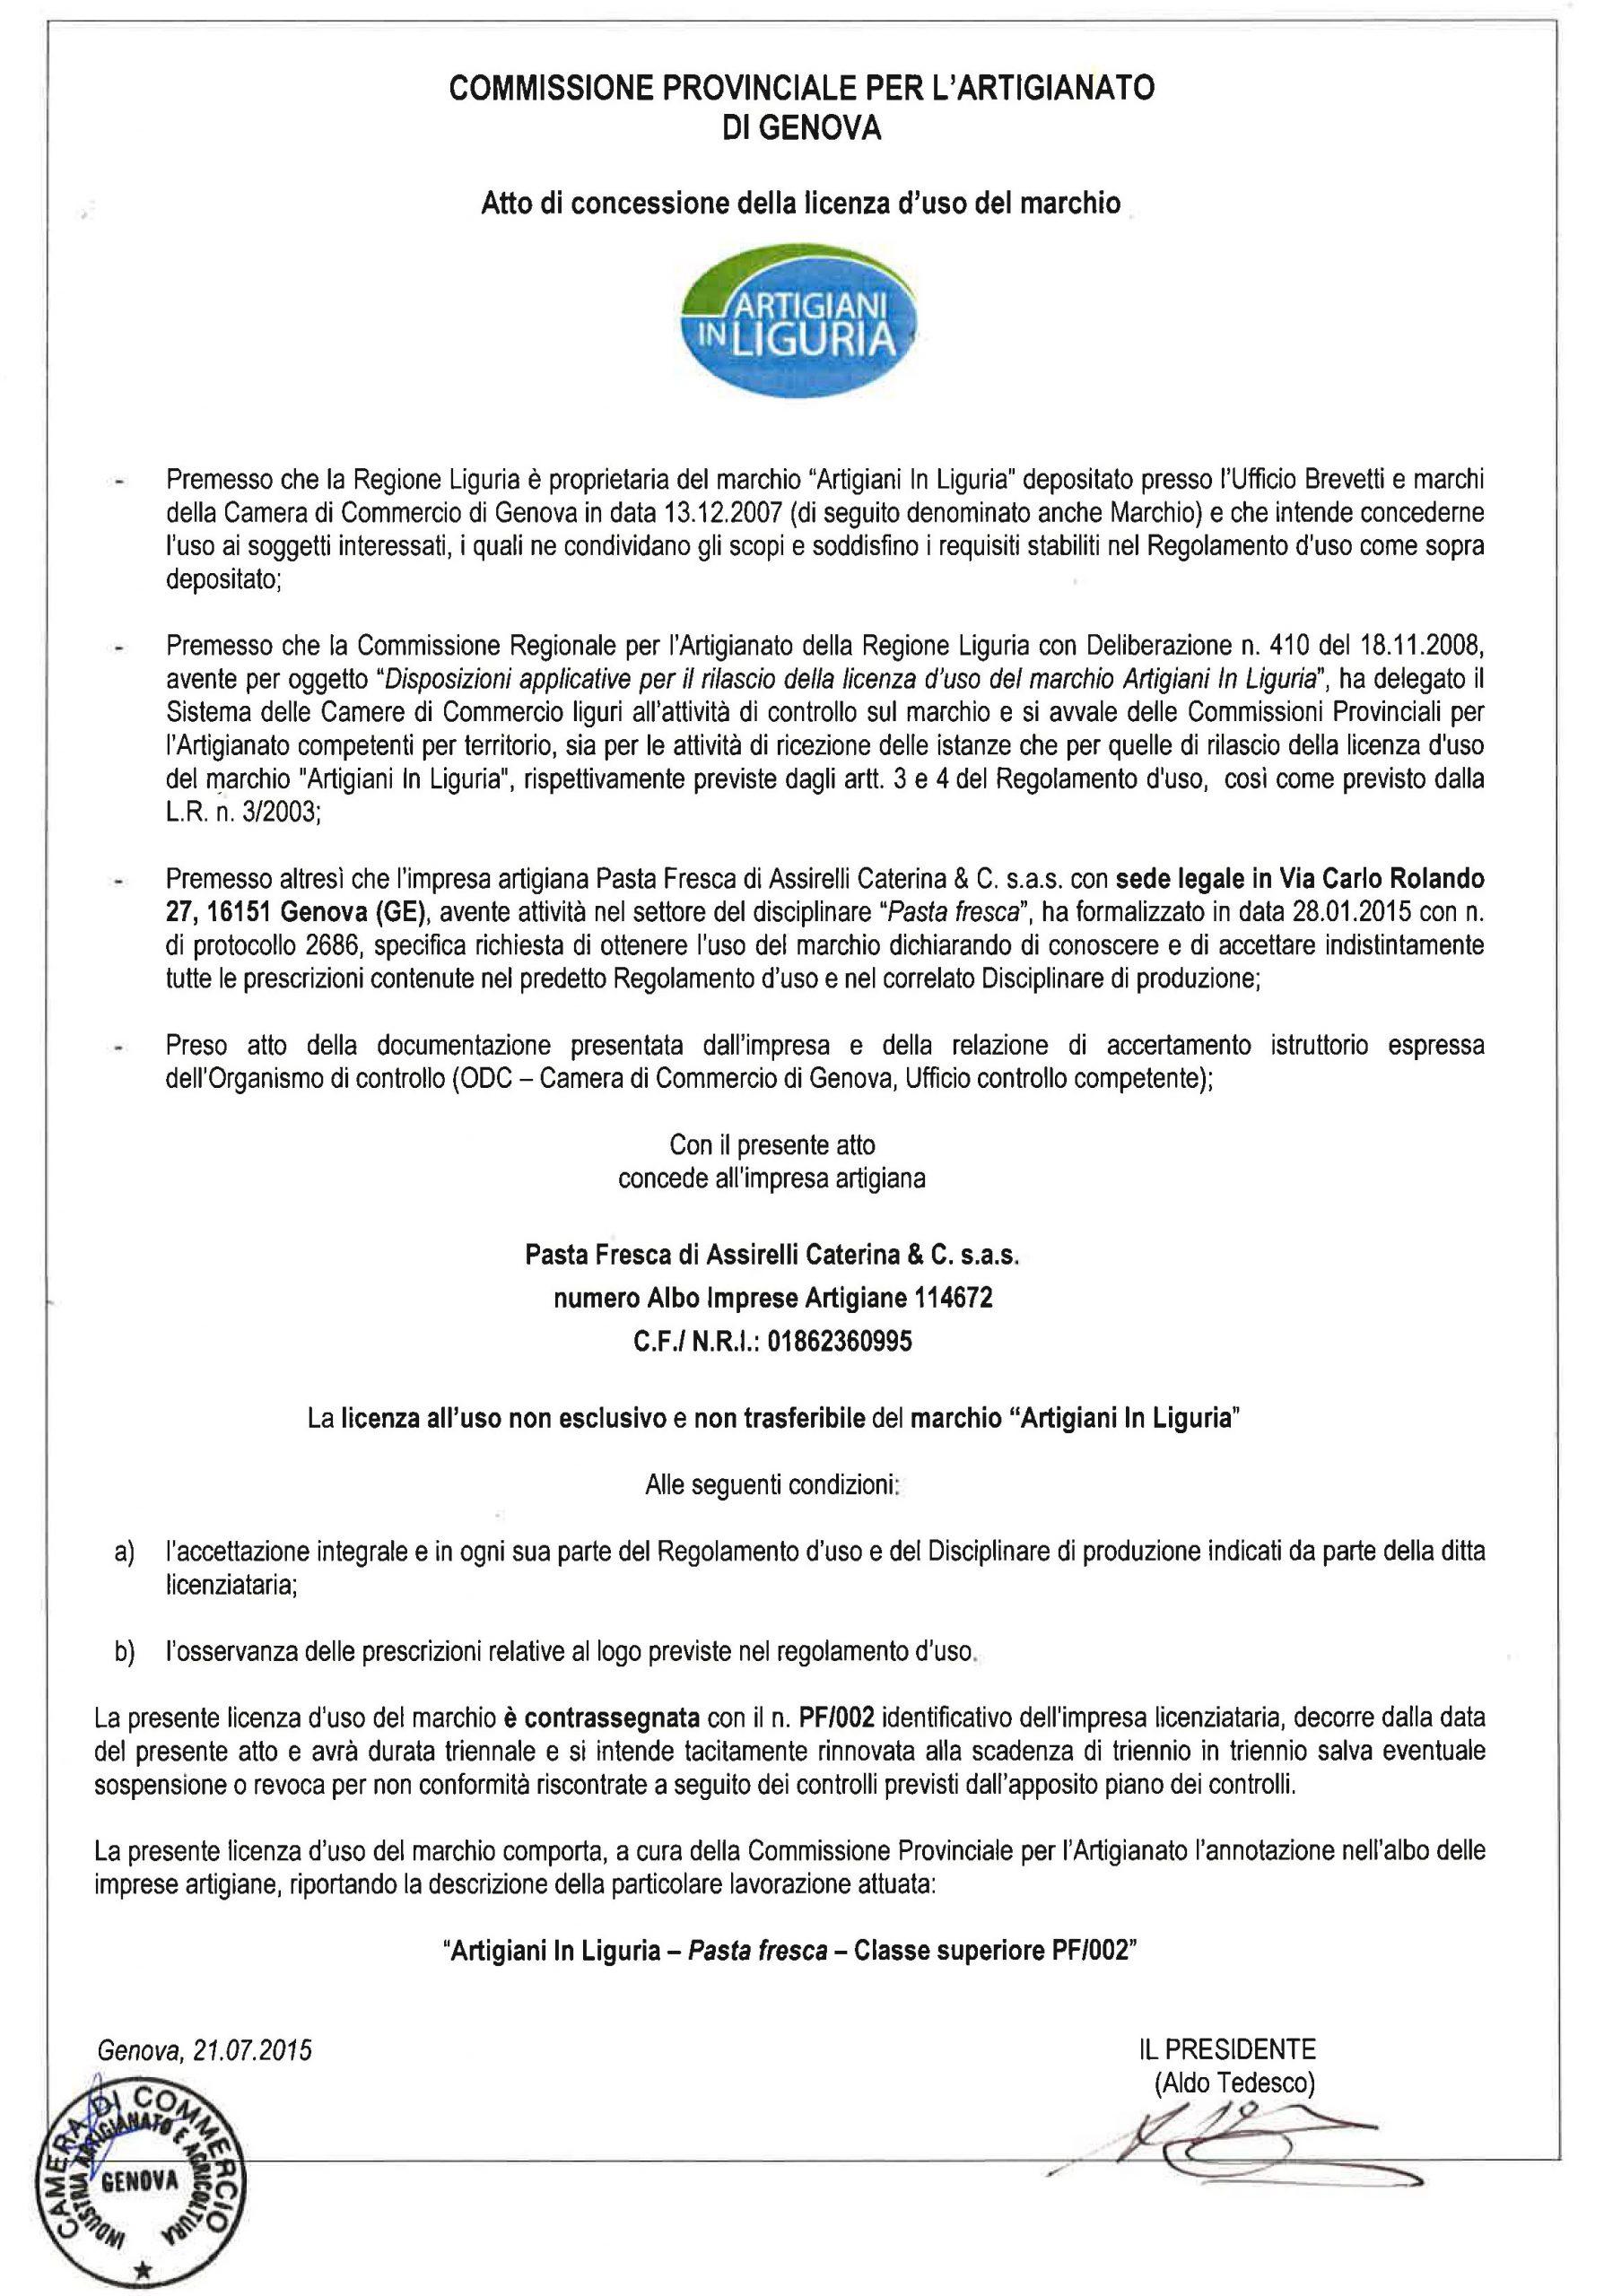 Licenza d'uso marchio Artigiani In Liguria Assirelli